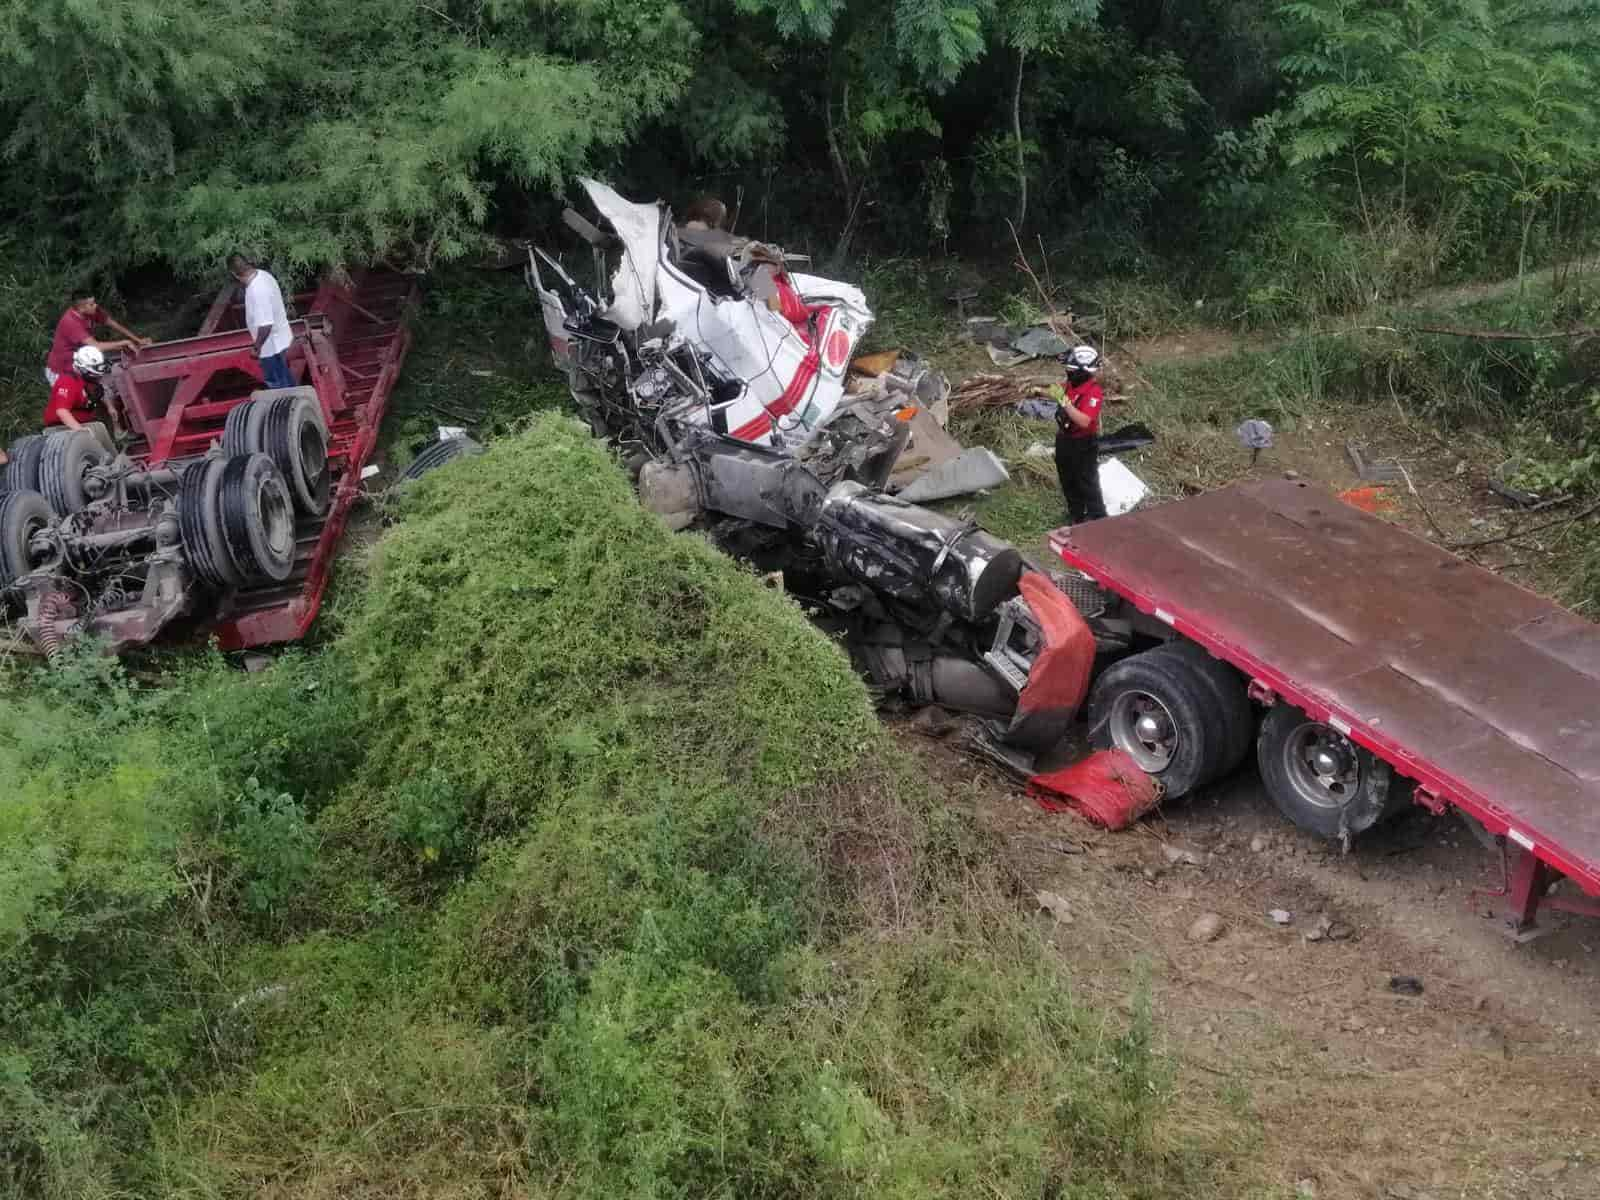 Un operador de un vehículo de quinta rueda se debate entre la vida y la muerte, después de haberse desplomado